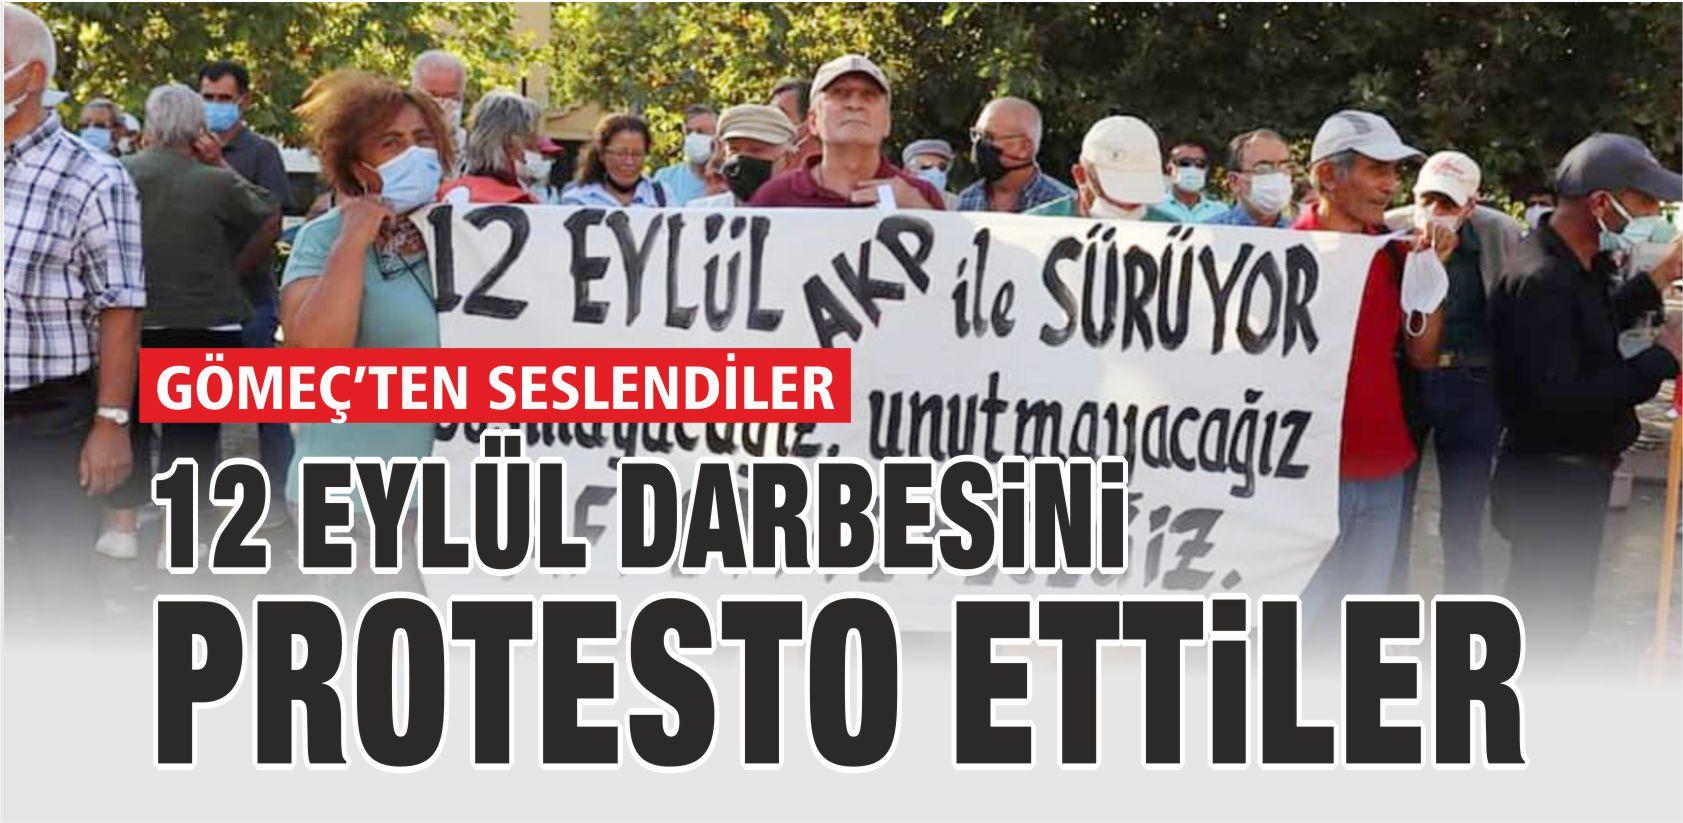 12 EYLÜL DARBESİNİ PROTESTO ETTİLER